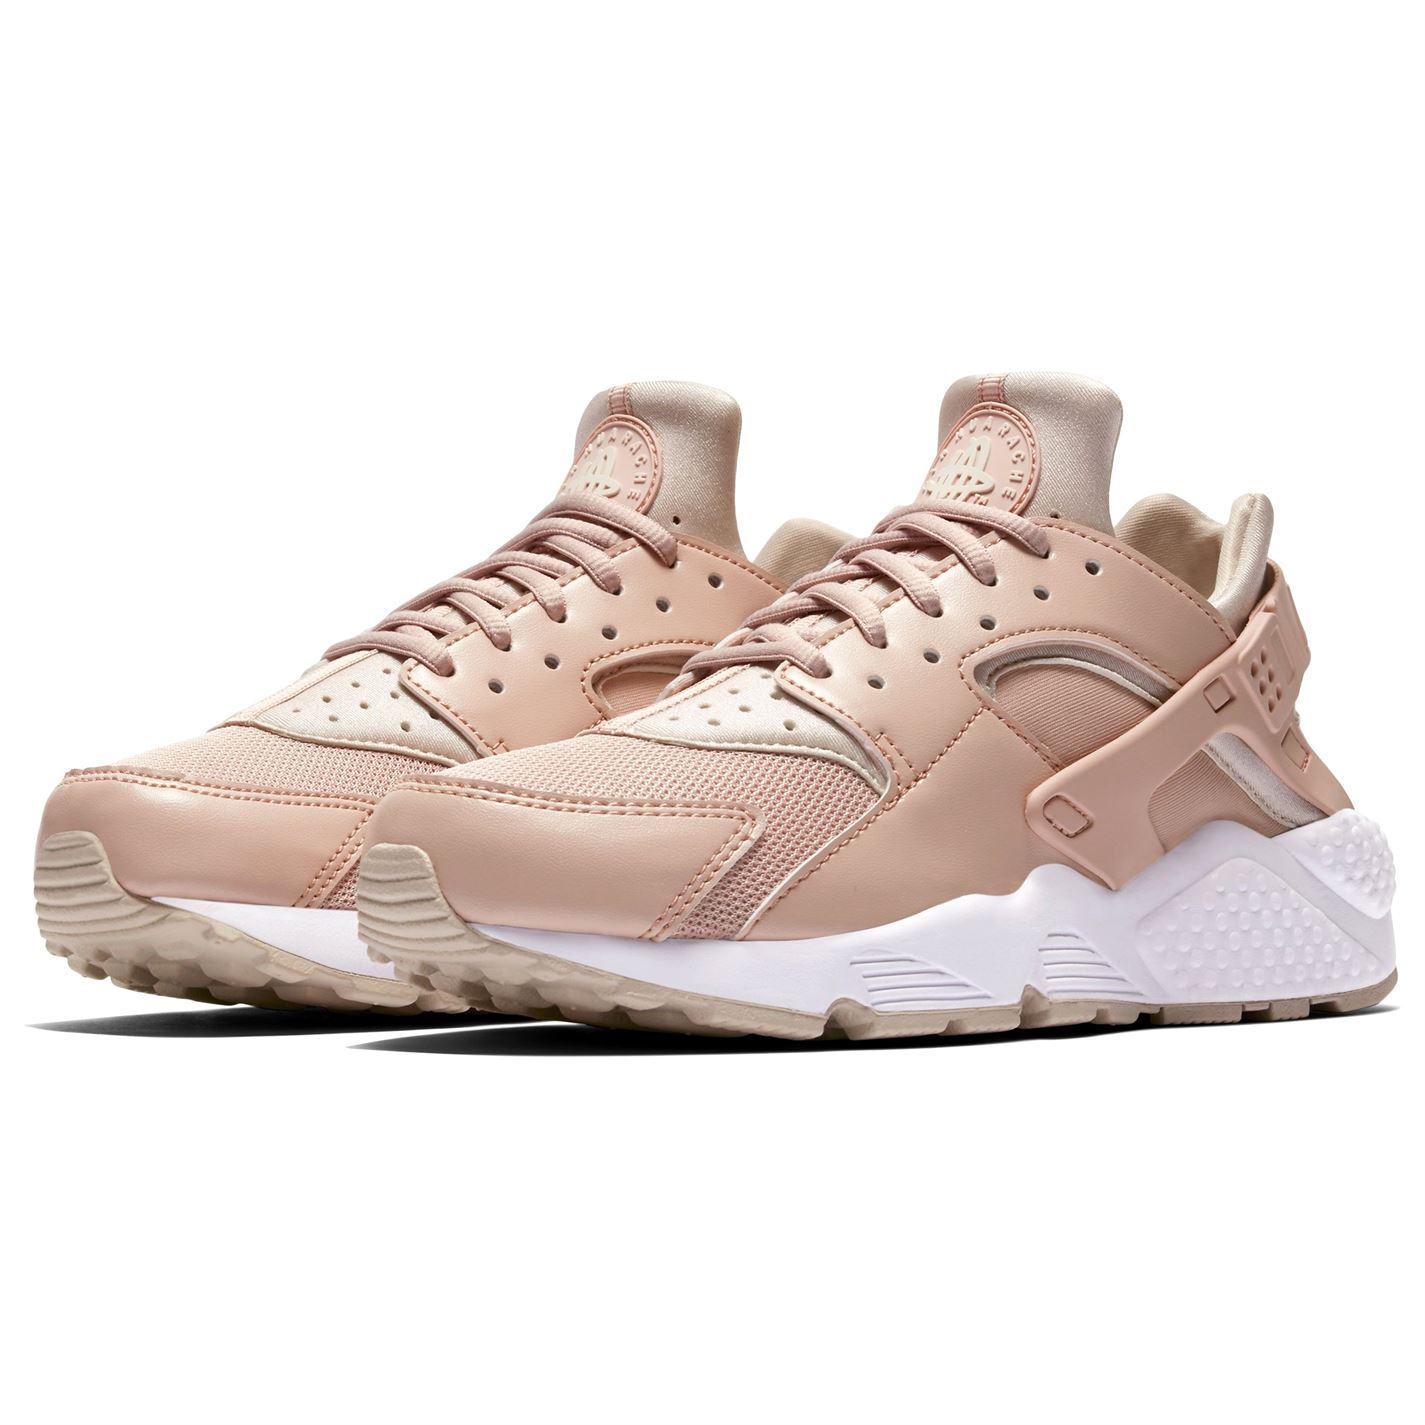 7e02a137e4bbf Nike air huarache levne levně | Mobilmania zboží